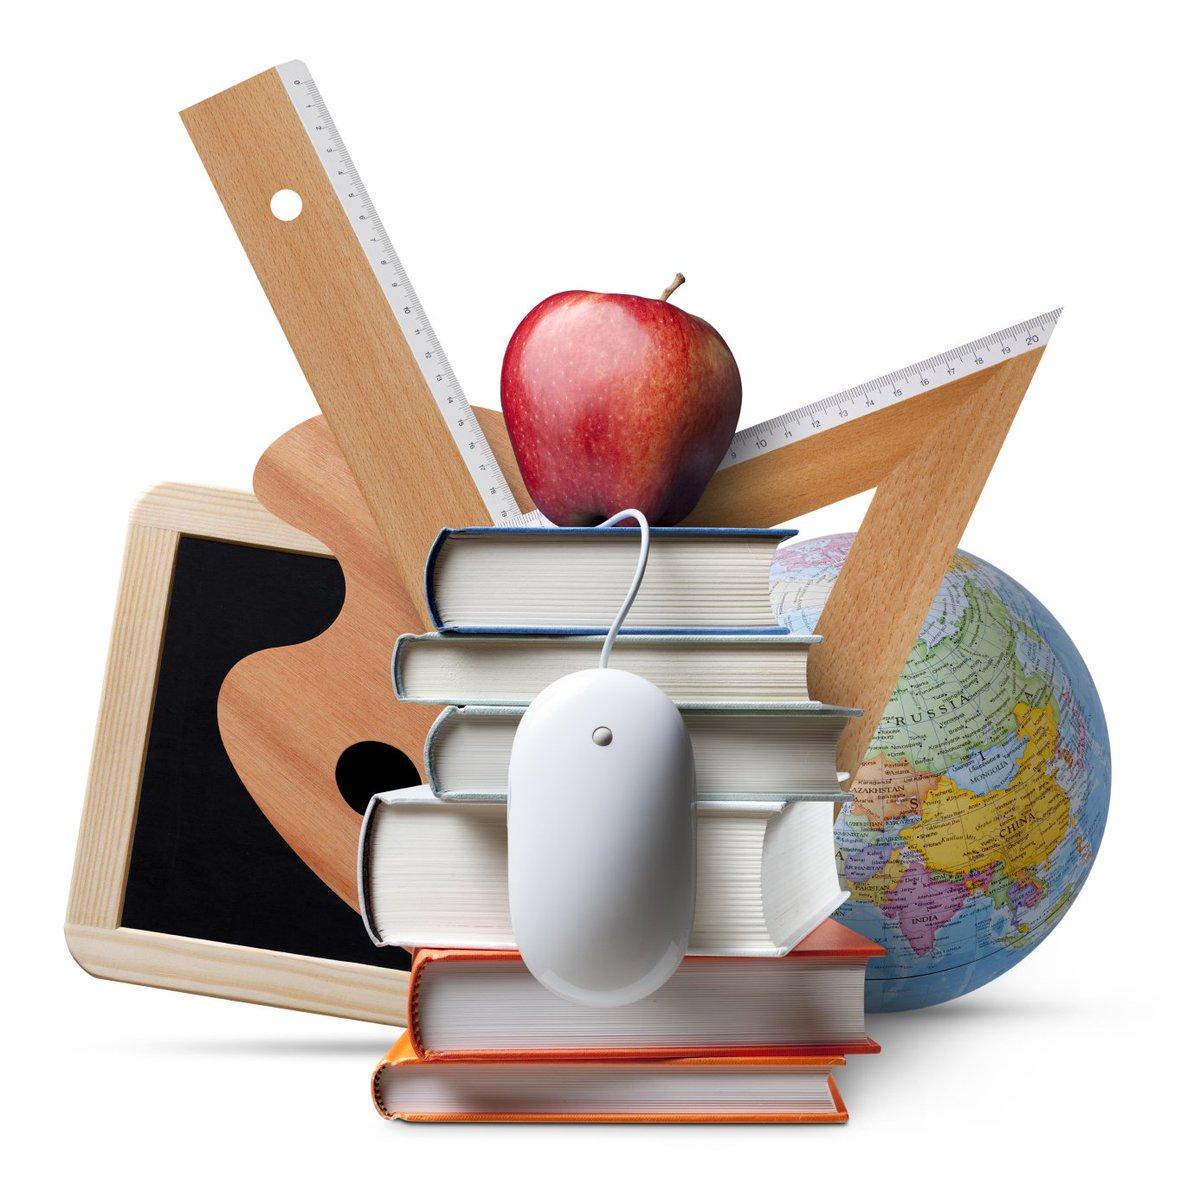 Картинки для учителей технологии